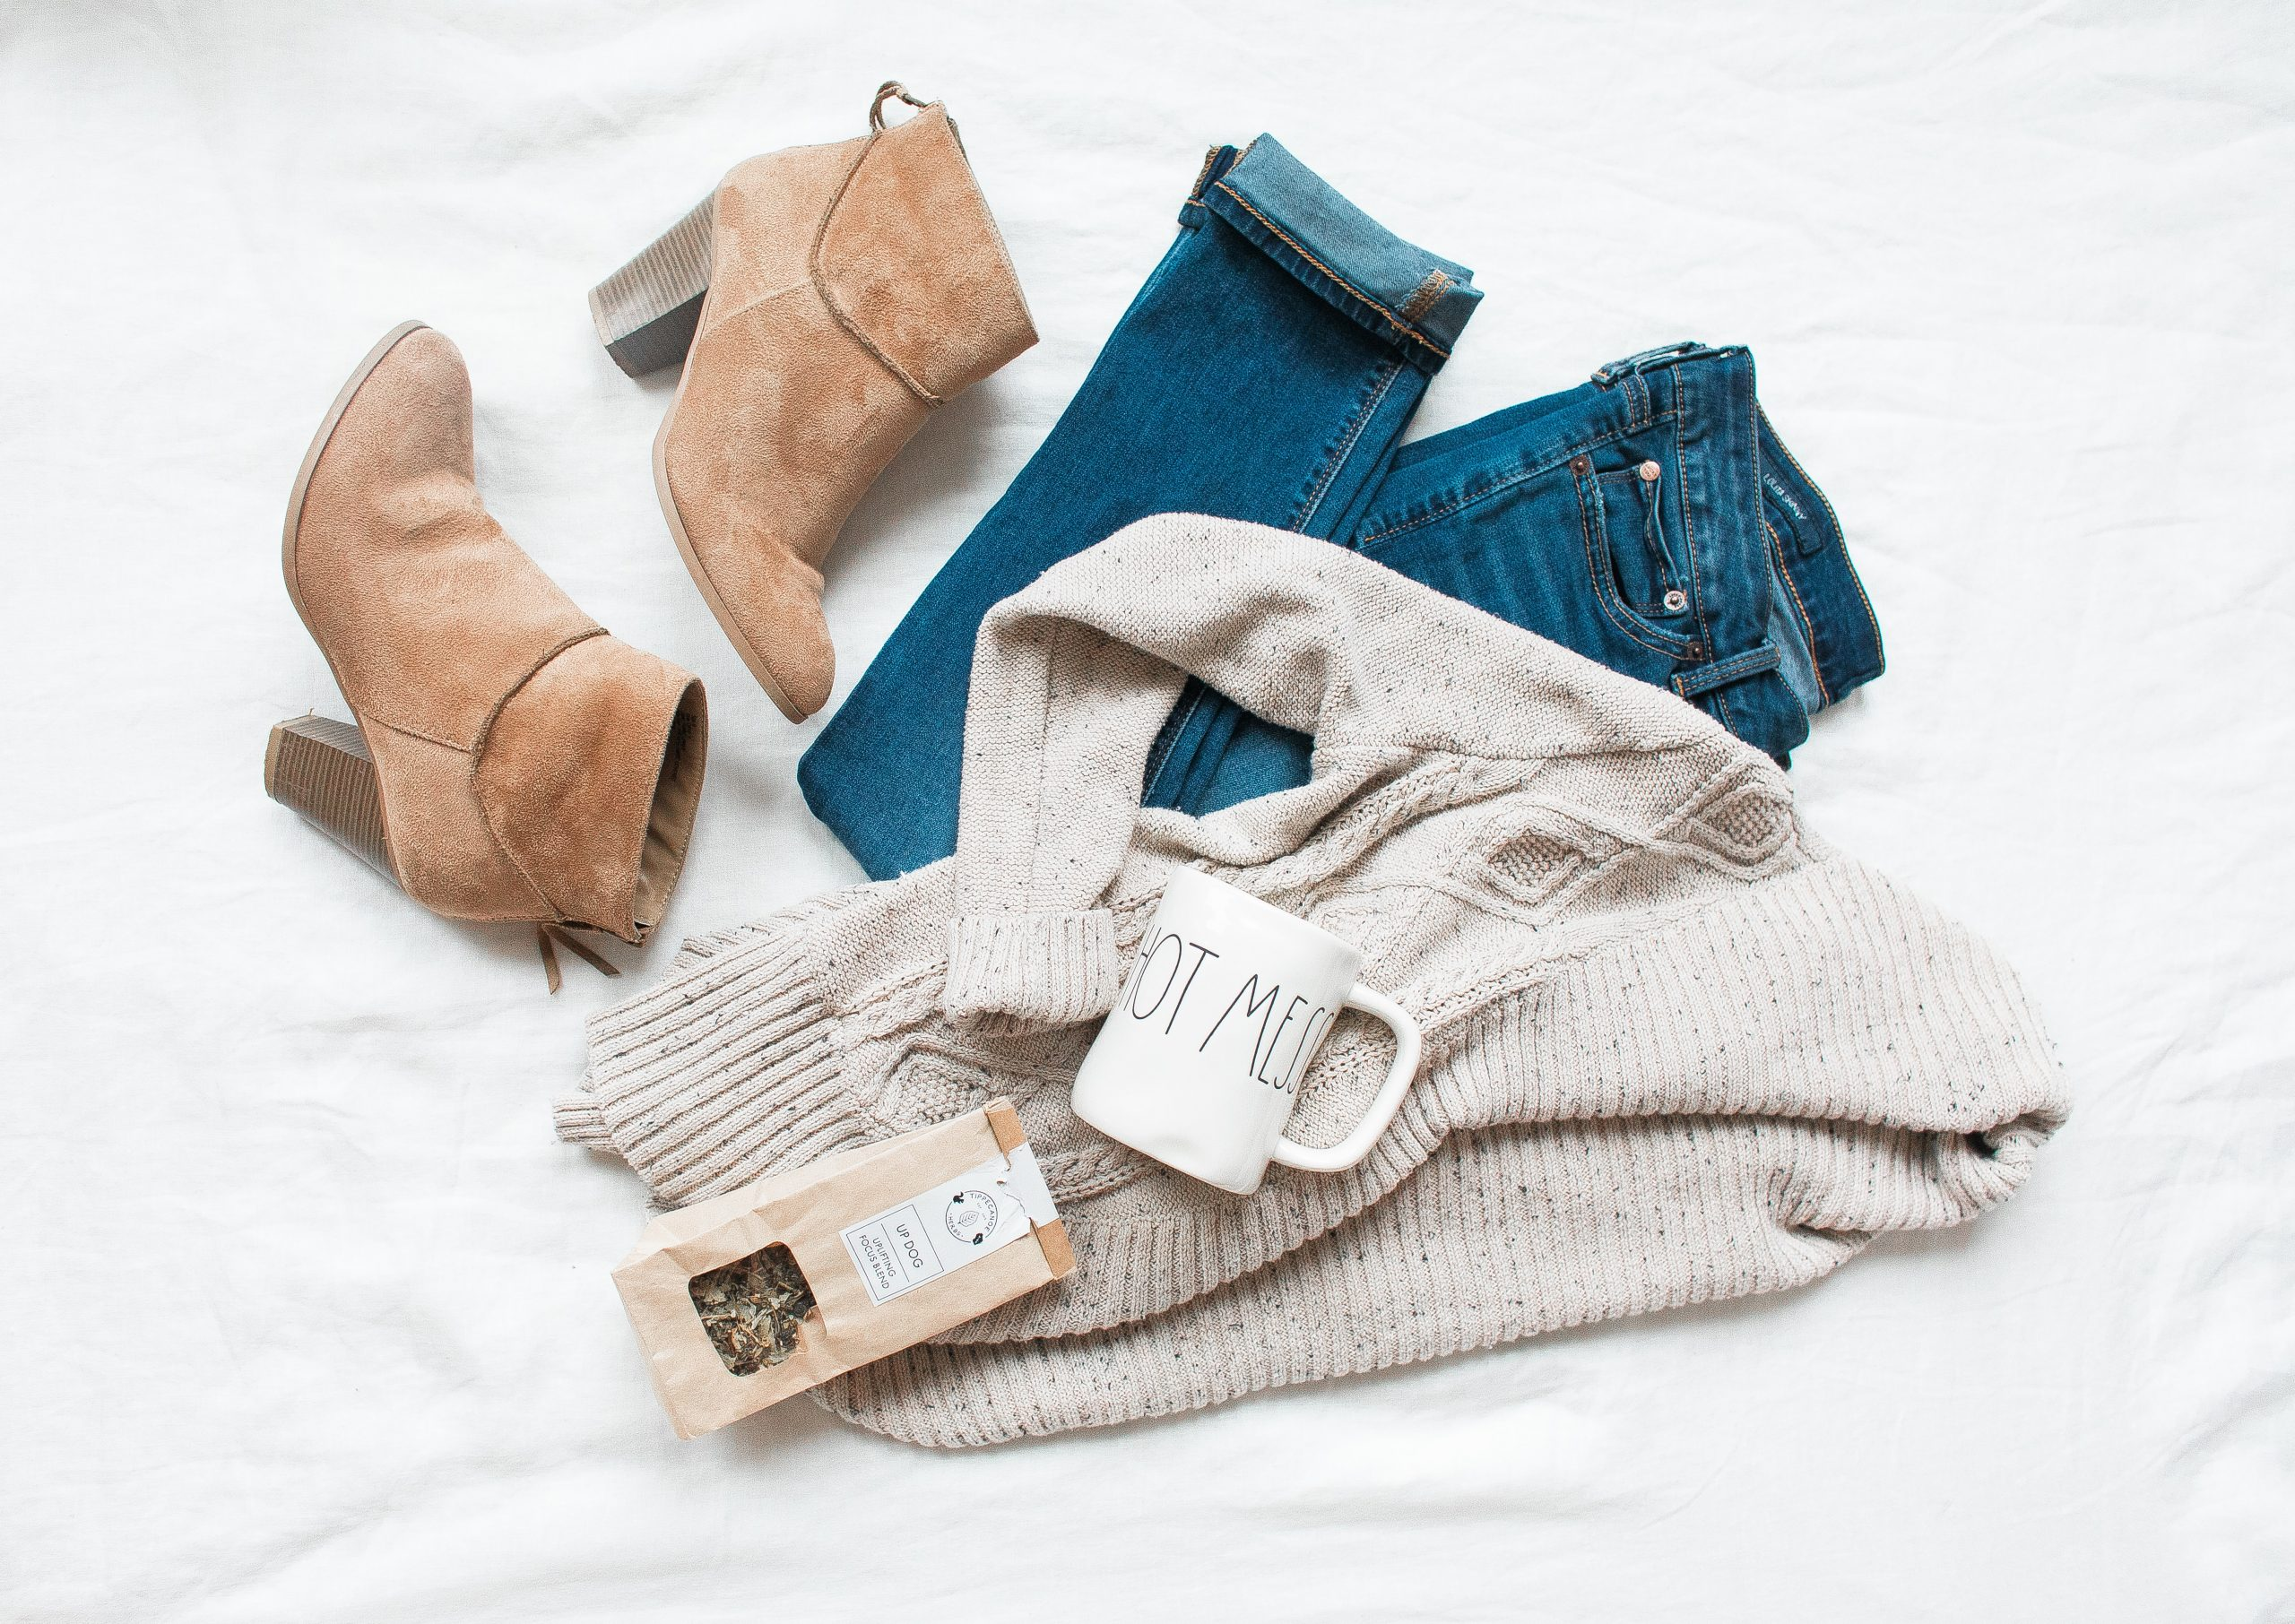 Kleding minimalisme | tips voor ontspullen duurzaam en capsule wardrobe | Tidy Minds